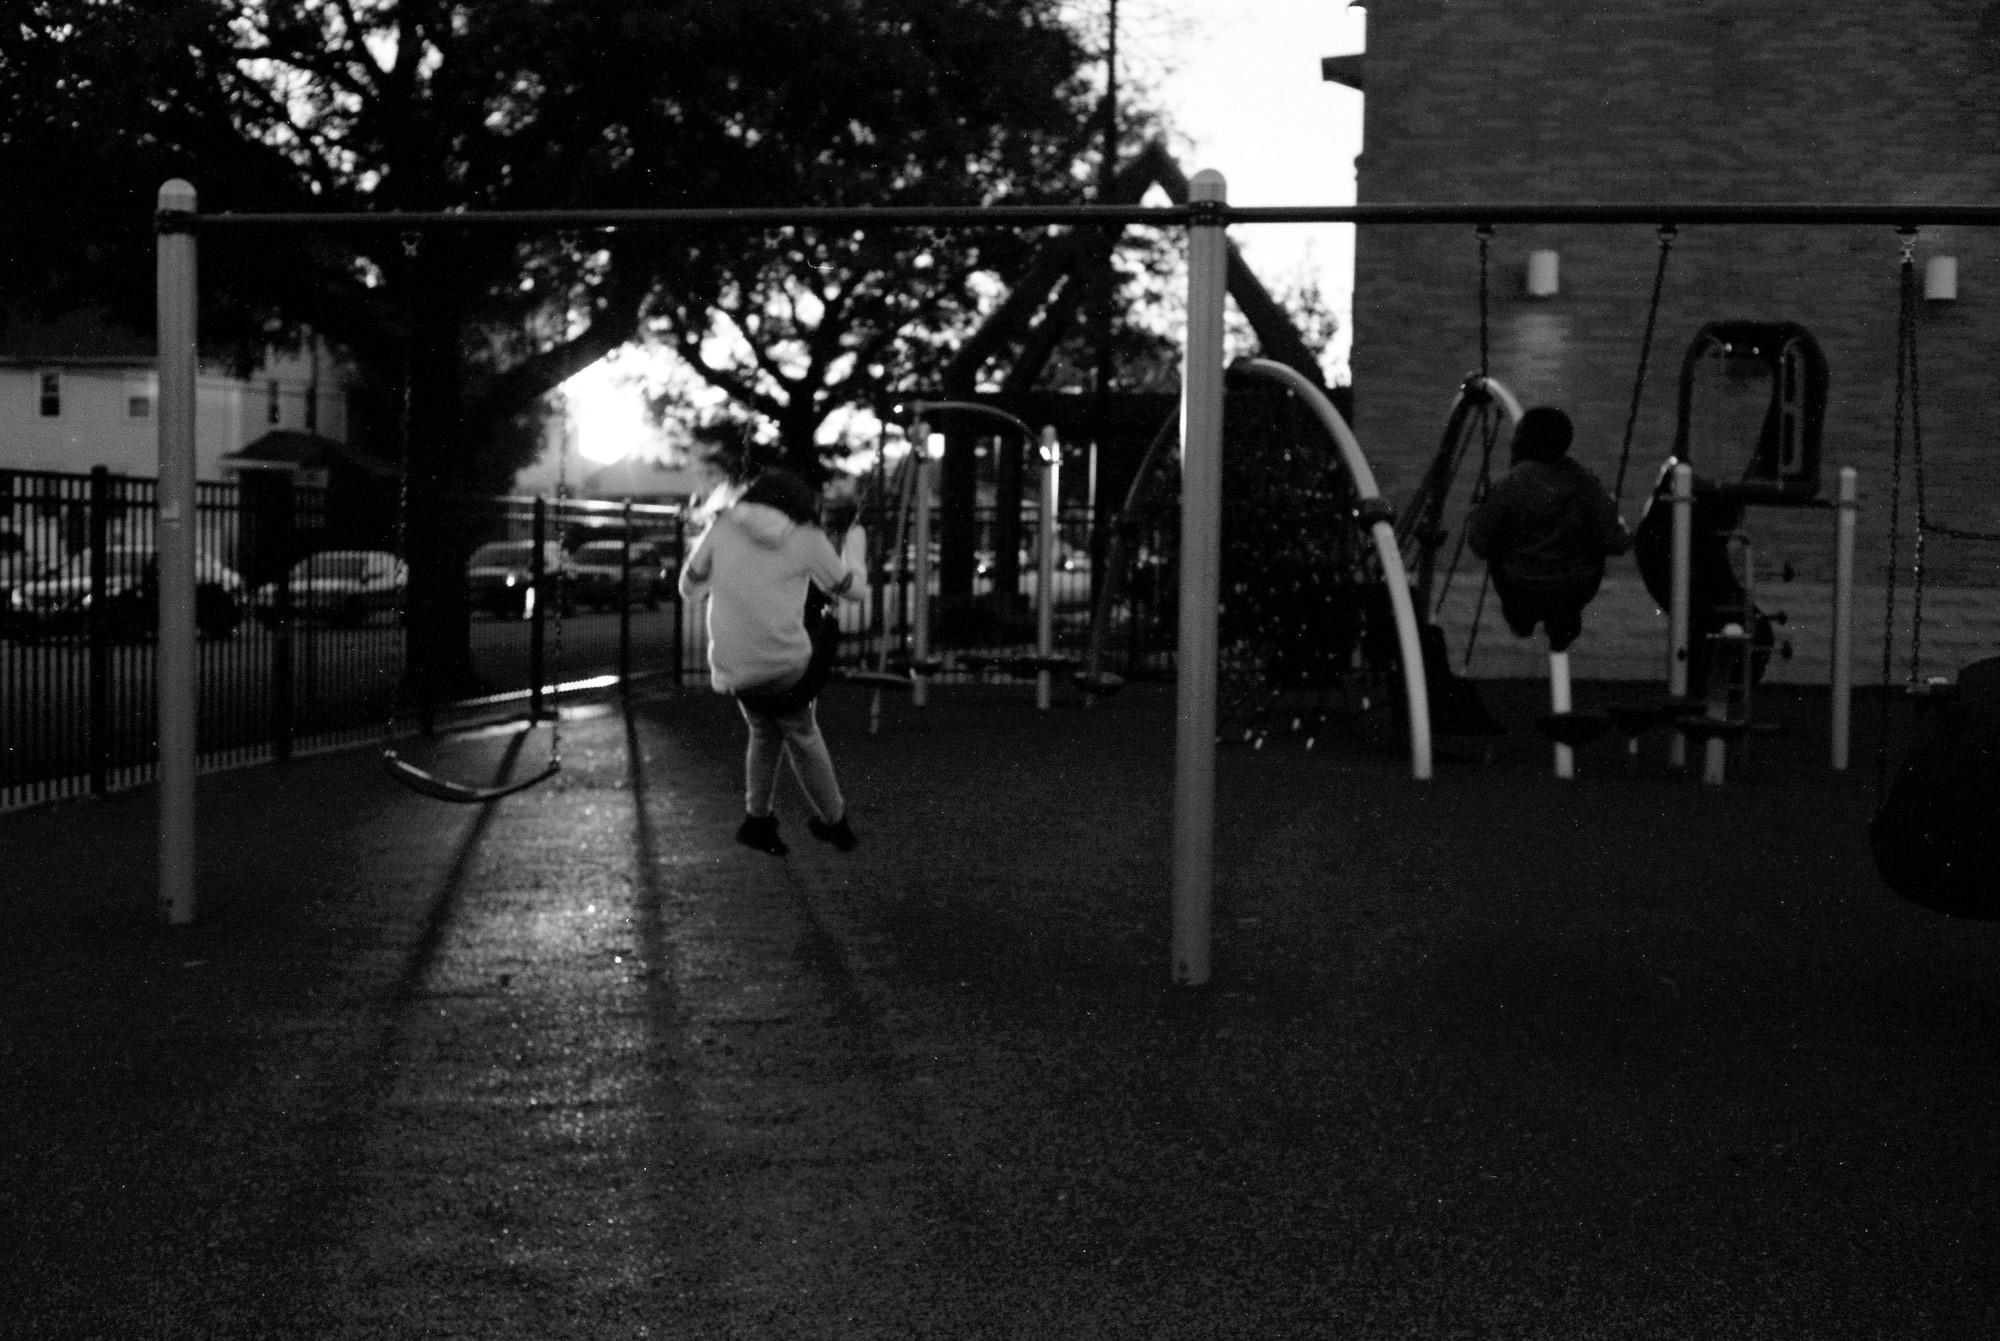 tony-hughes-photo-steet-photography-162021.jpg